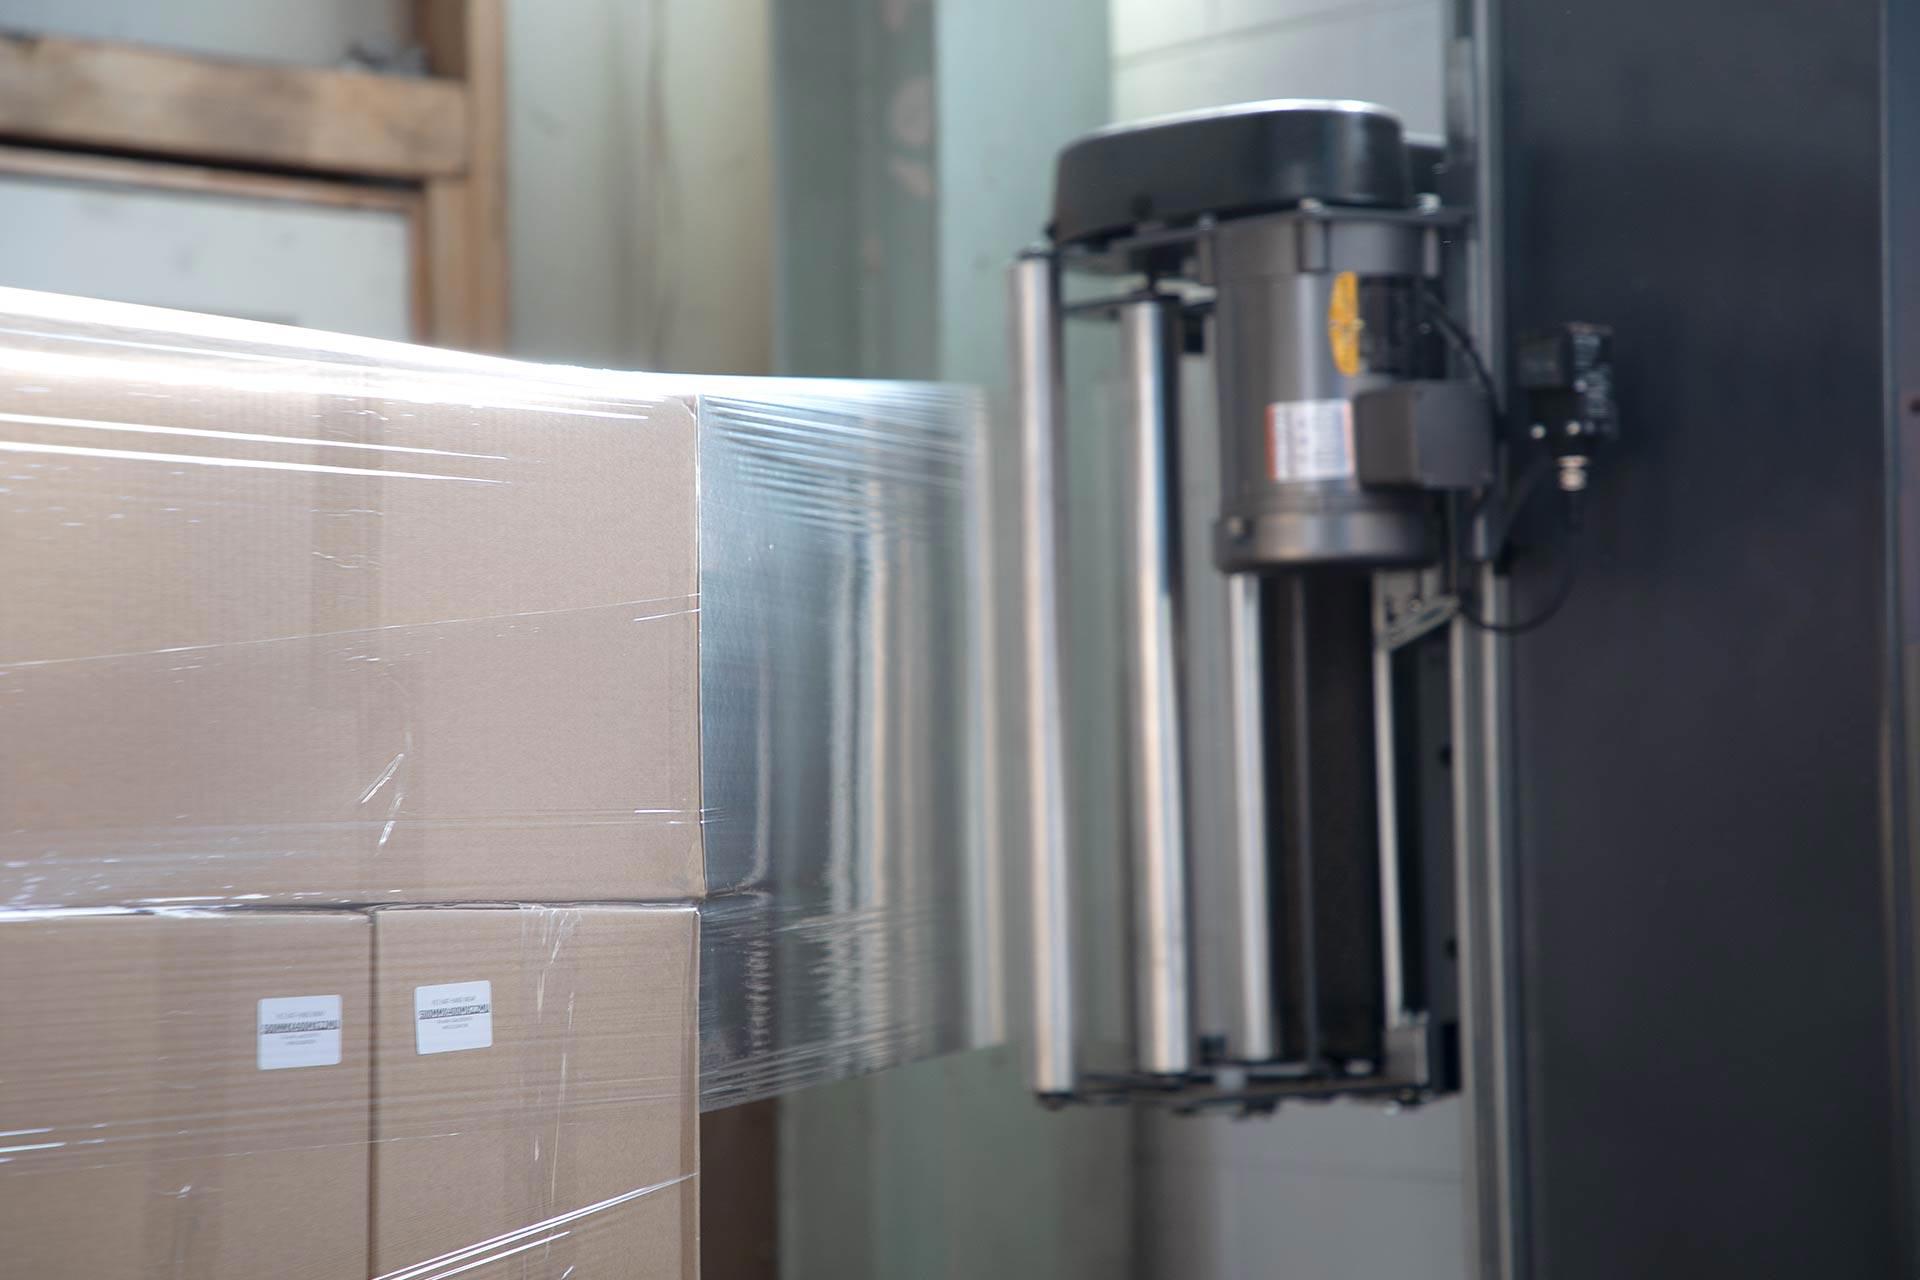 pallet-wrap-machine-7-close-up